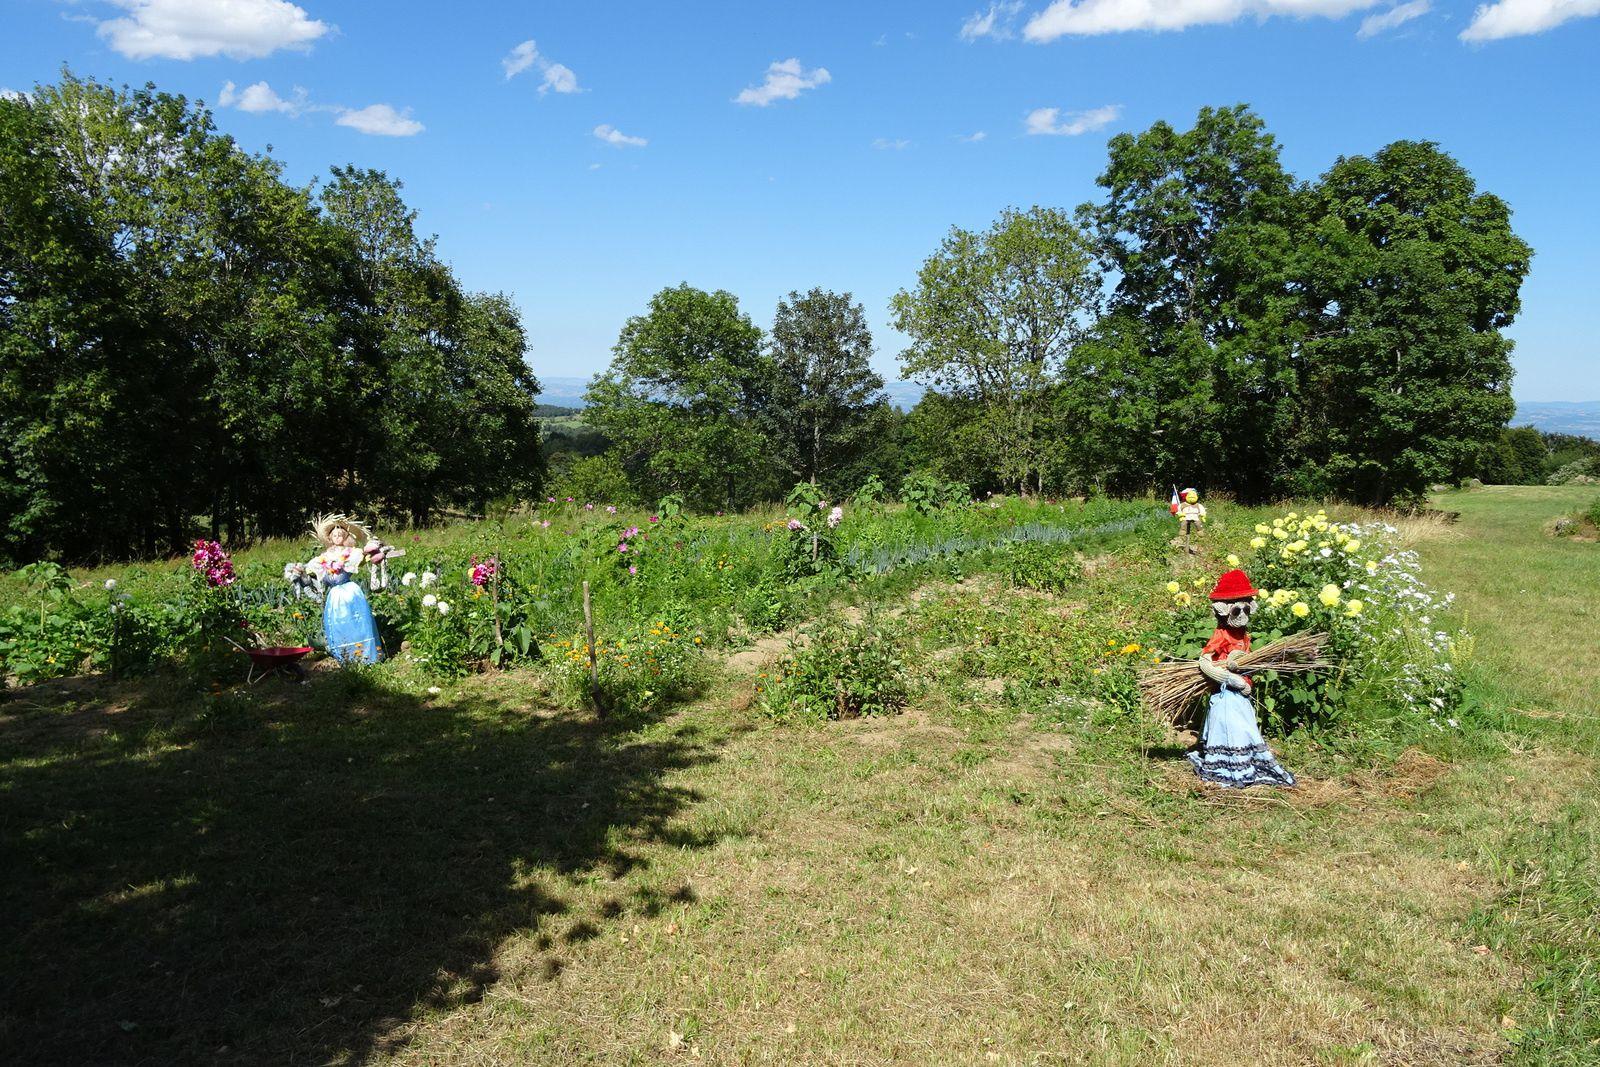 Rigolo ce jardin avec ses épouvantails. Nous avons bien aimé papa, maman vache et leur veau.